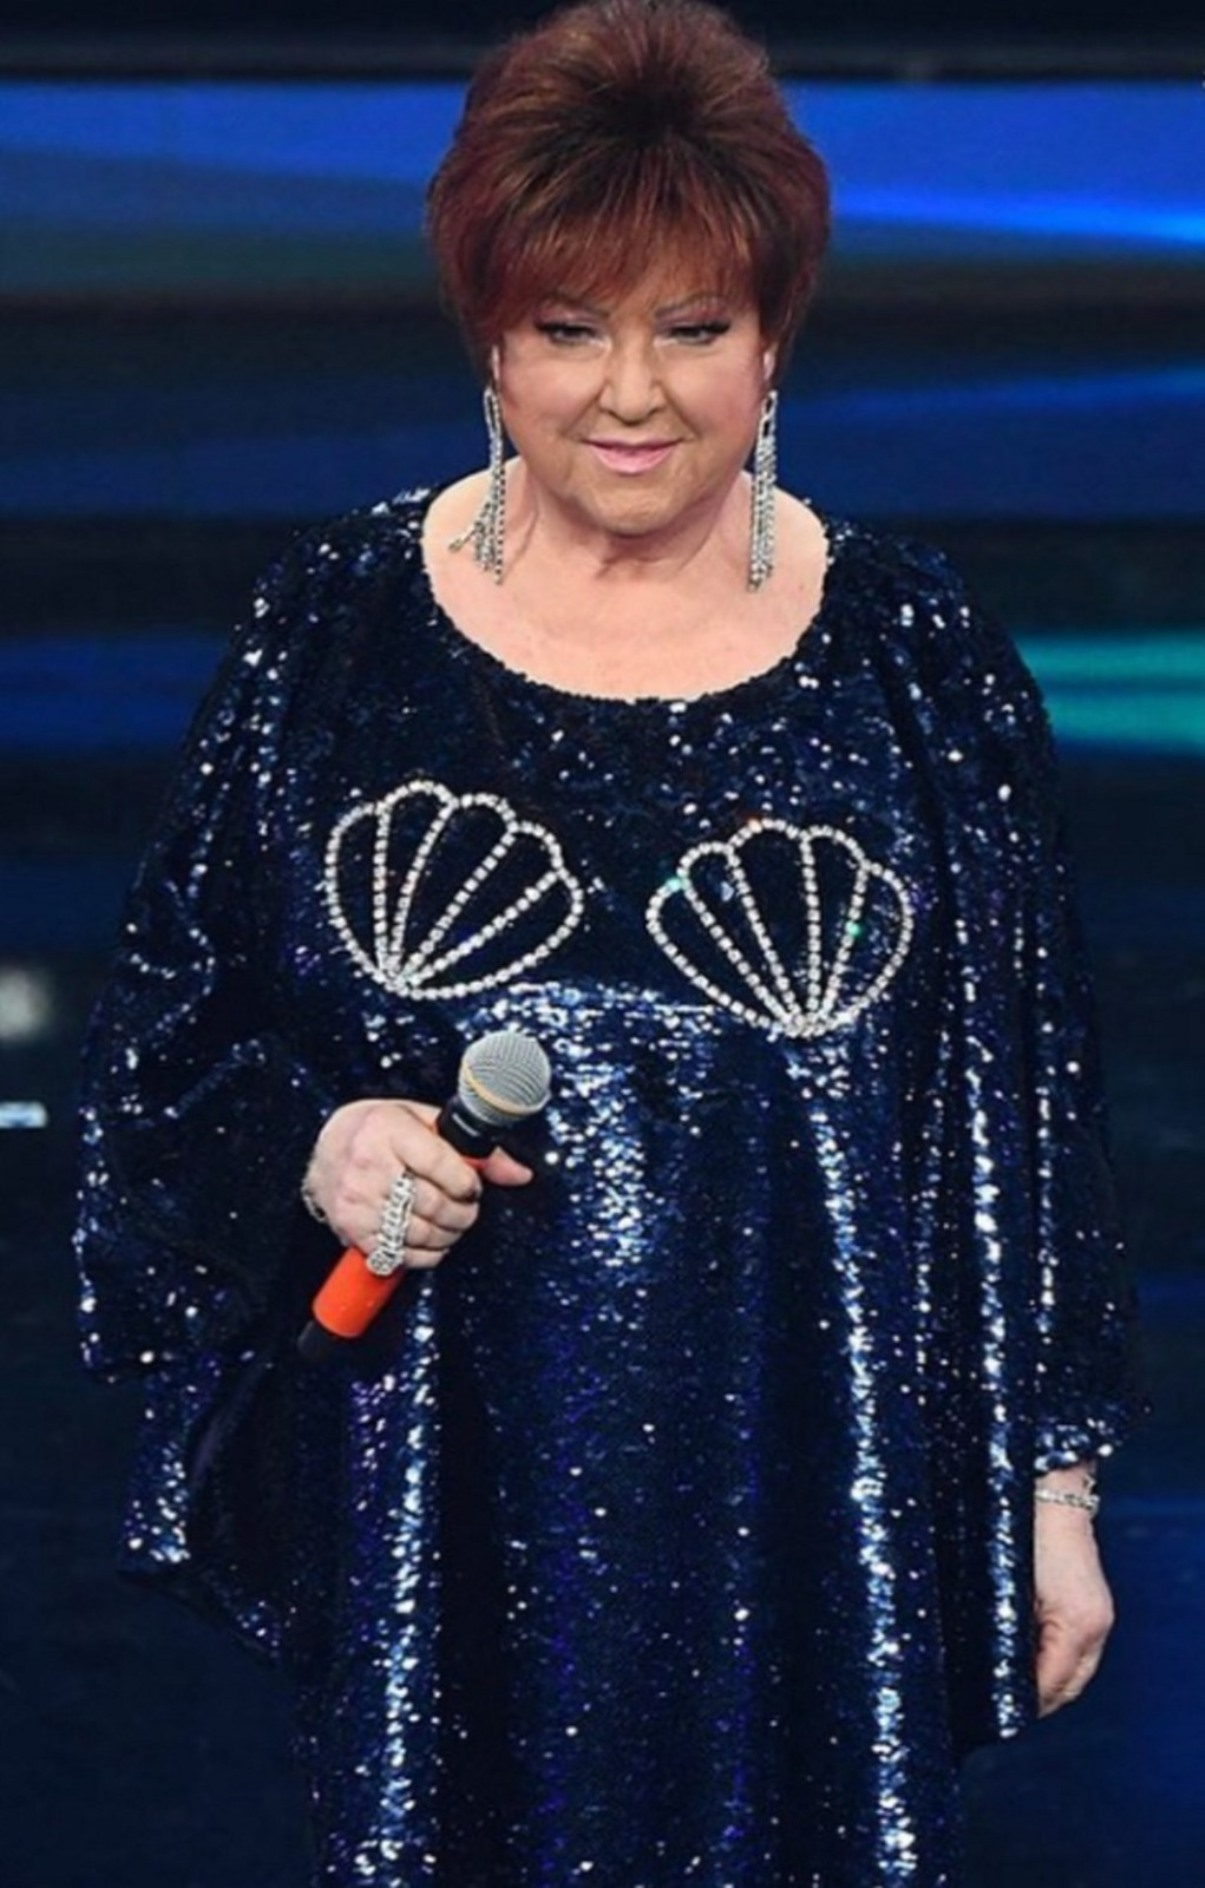 Sanremo 2021, gaffe di Fiorello con Orietta Berti. La cantante lo bacchetta immediatamente